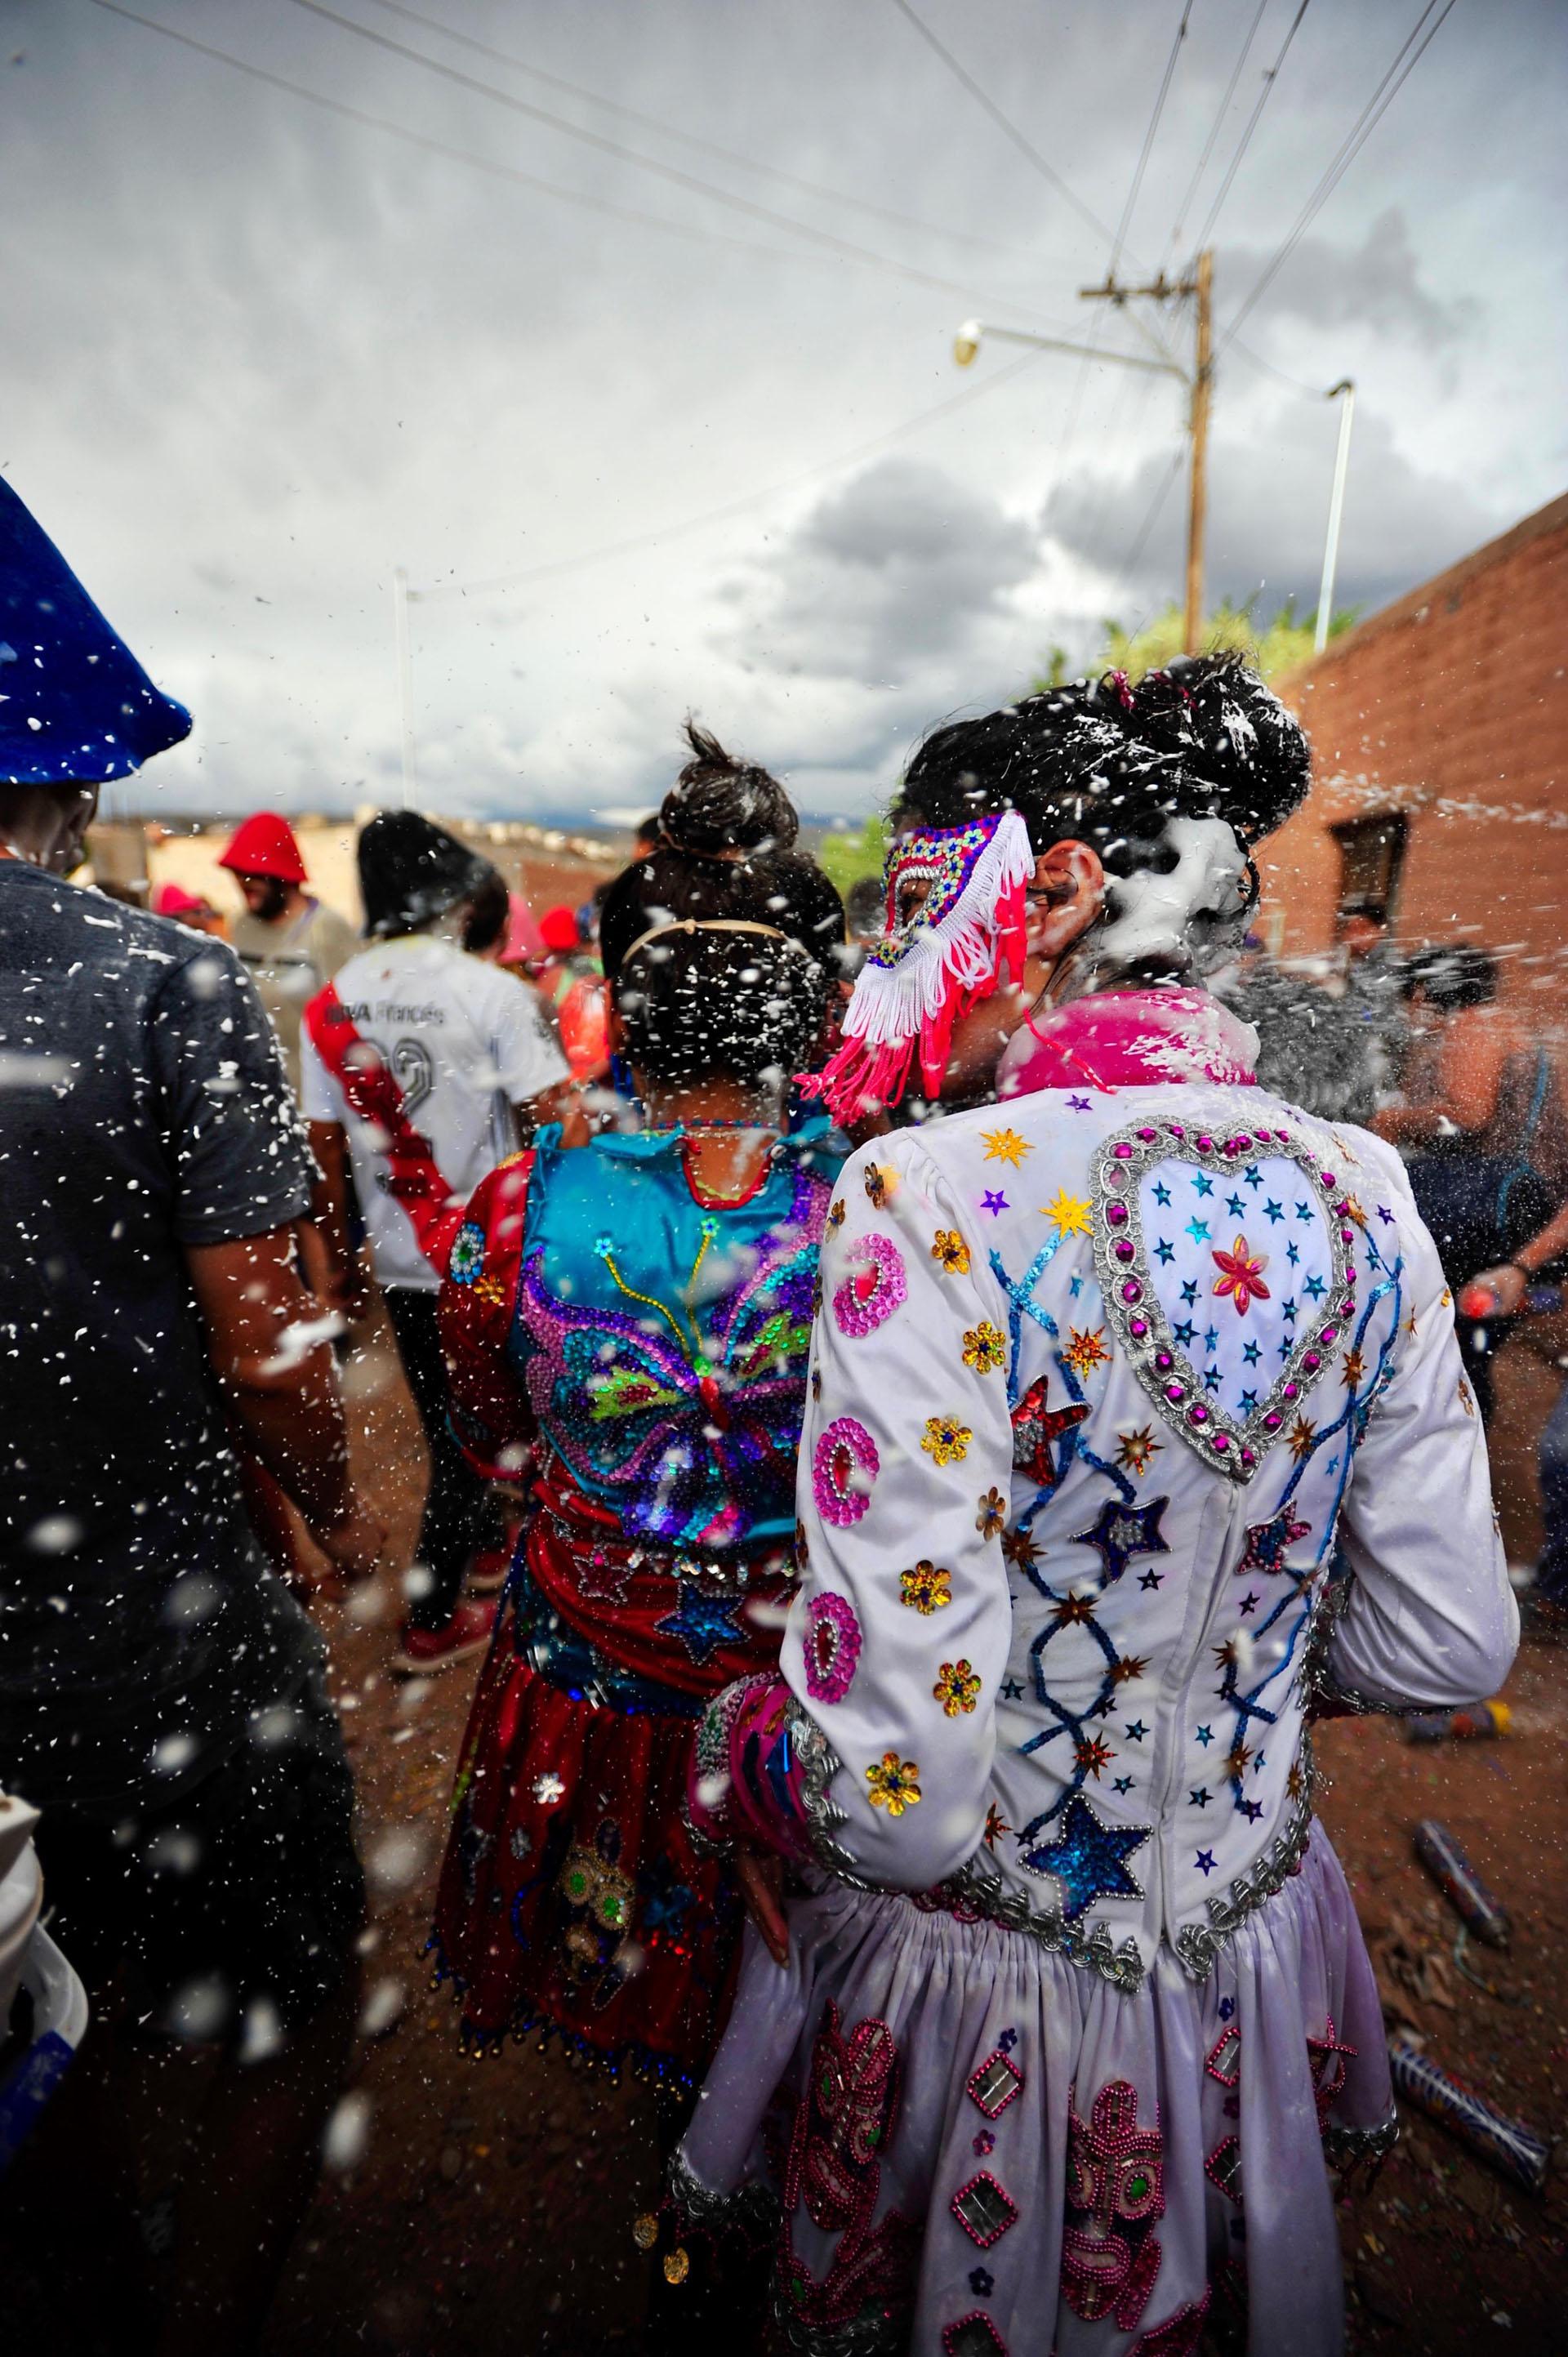 Con apenas 4000 habitantes, Maimará recibe a miles de turistas durante los días de carnaval